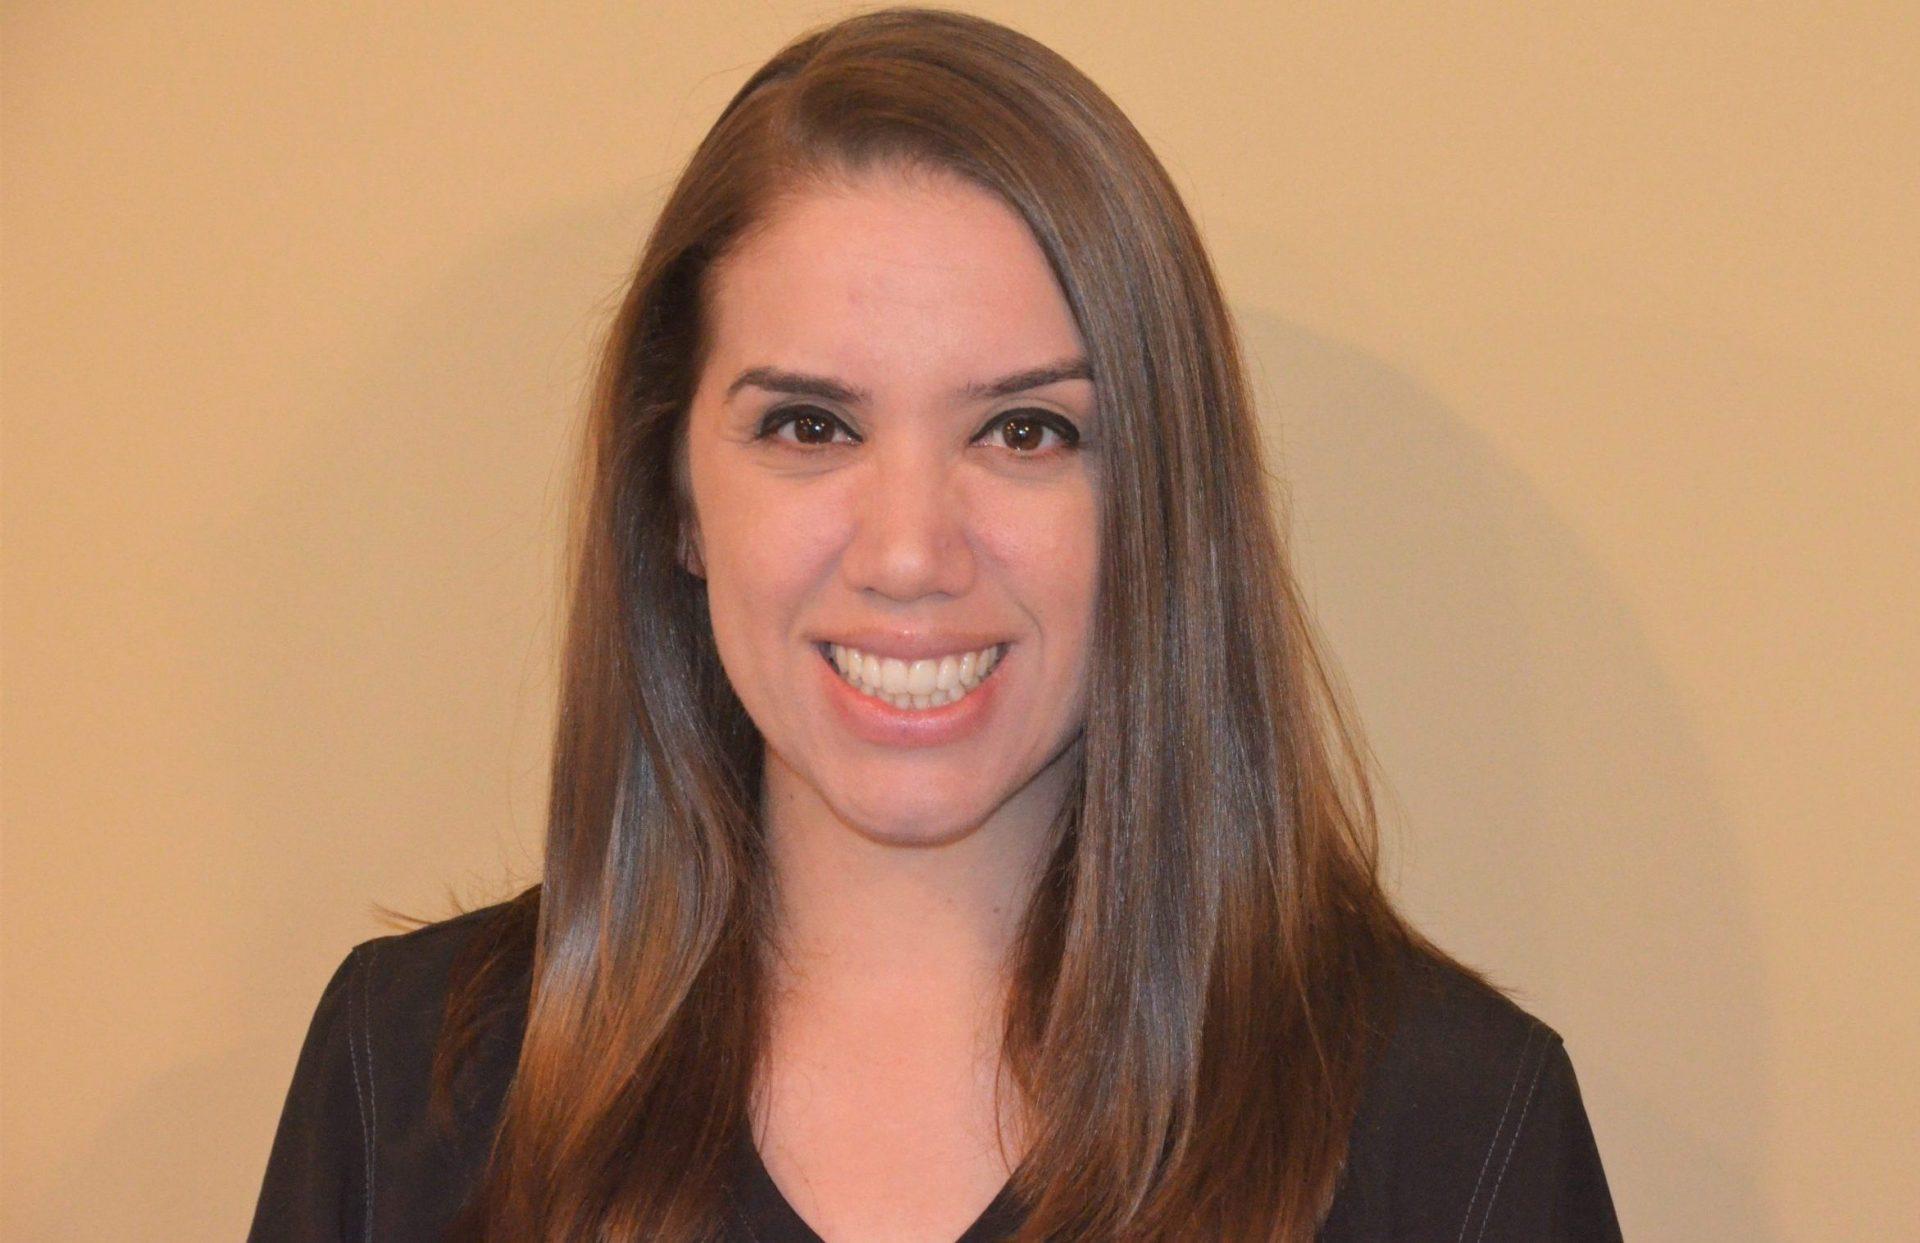 Dr. Lauren Miller